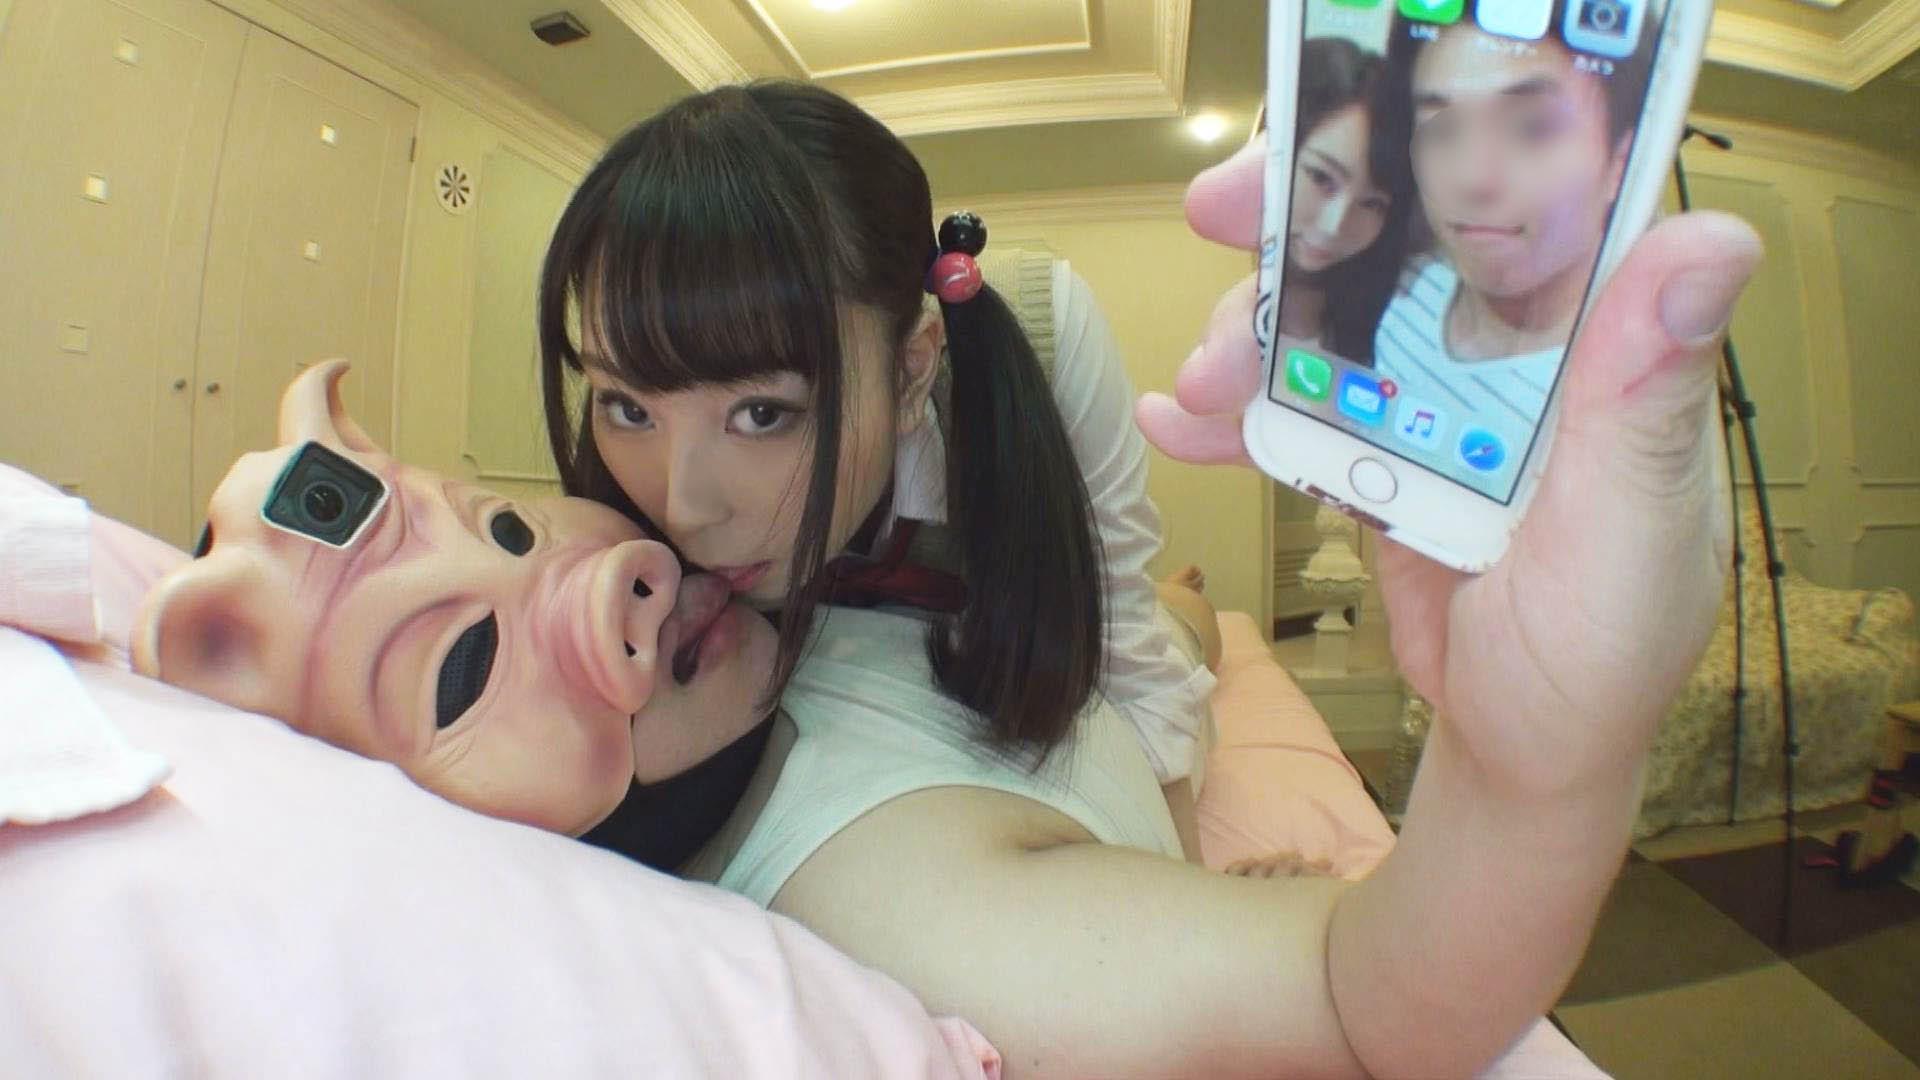 【個撮¥キモ男】カナモリミウ【1】DQN男の彼女が豚にネトラレSEX_FC2版【122分】